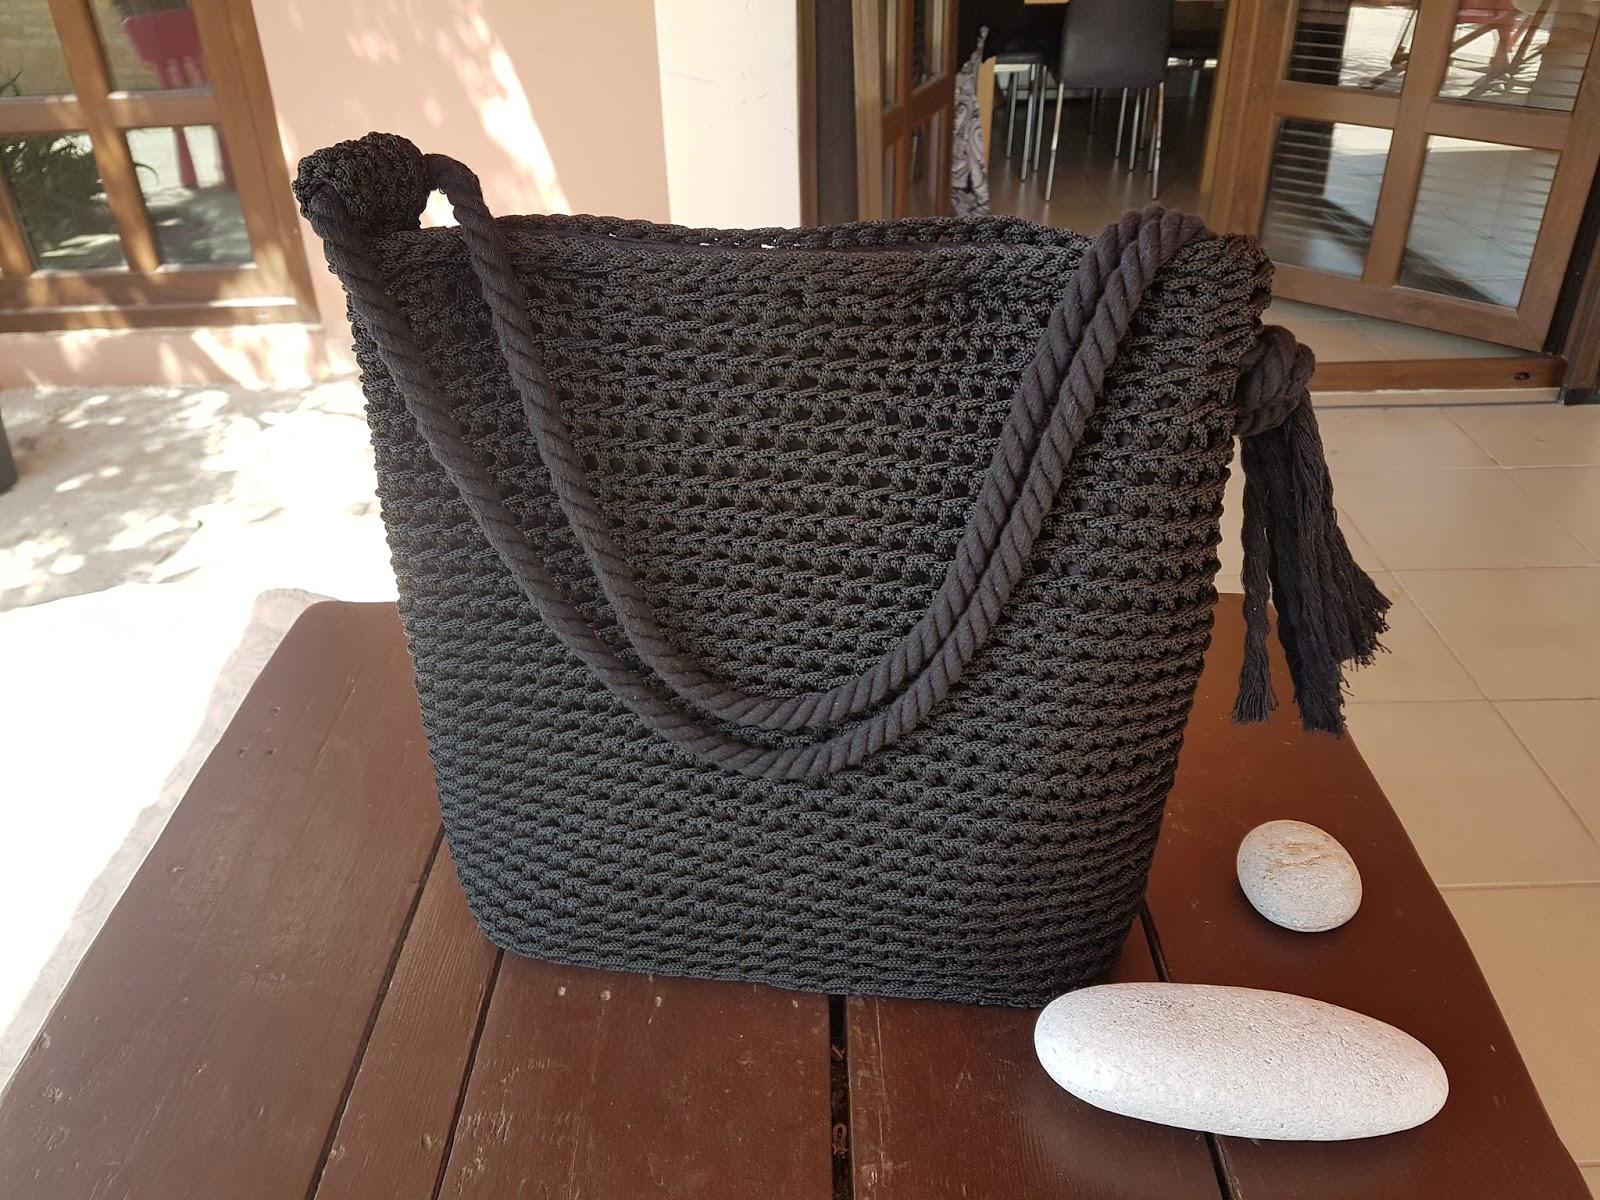 Χειροποίητη τσάντα με βελονάκι και νήμα άριστης ποιότητας με δερμάτινο πάτο  Διαστάσεις 37 cm x 36 cm 130 55f6ef8357e